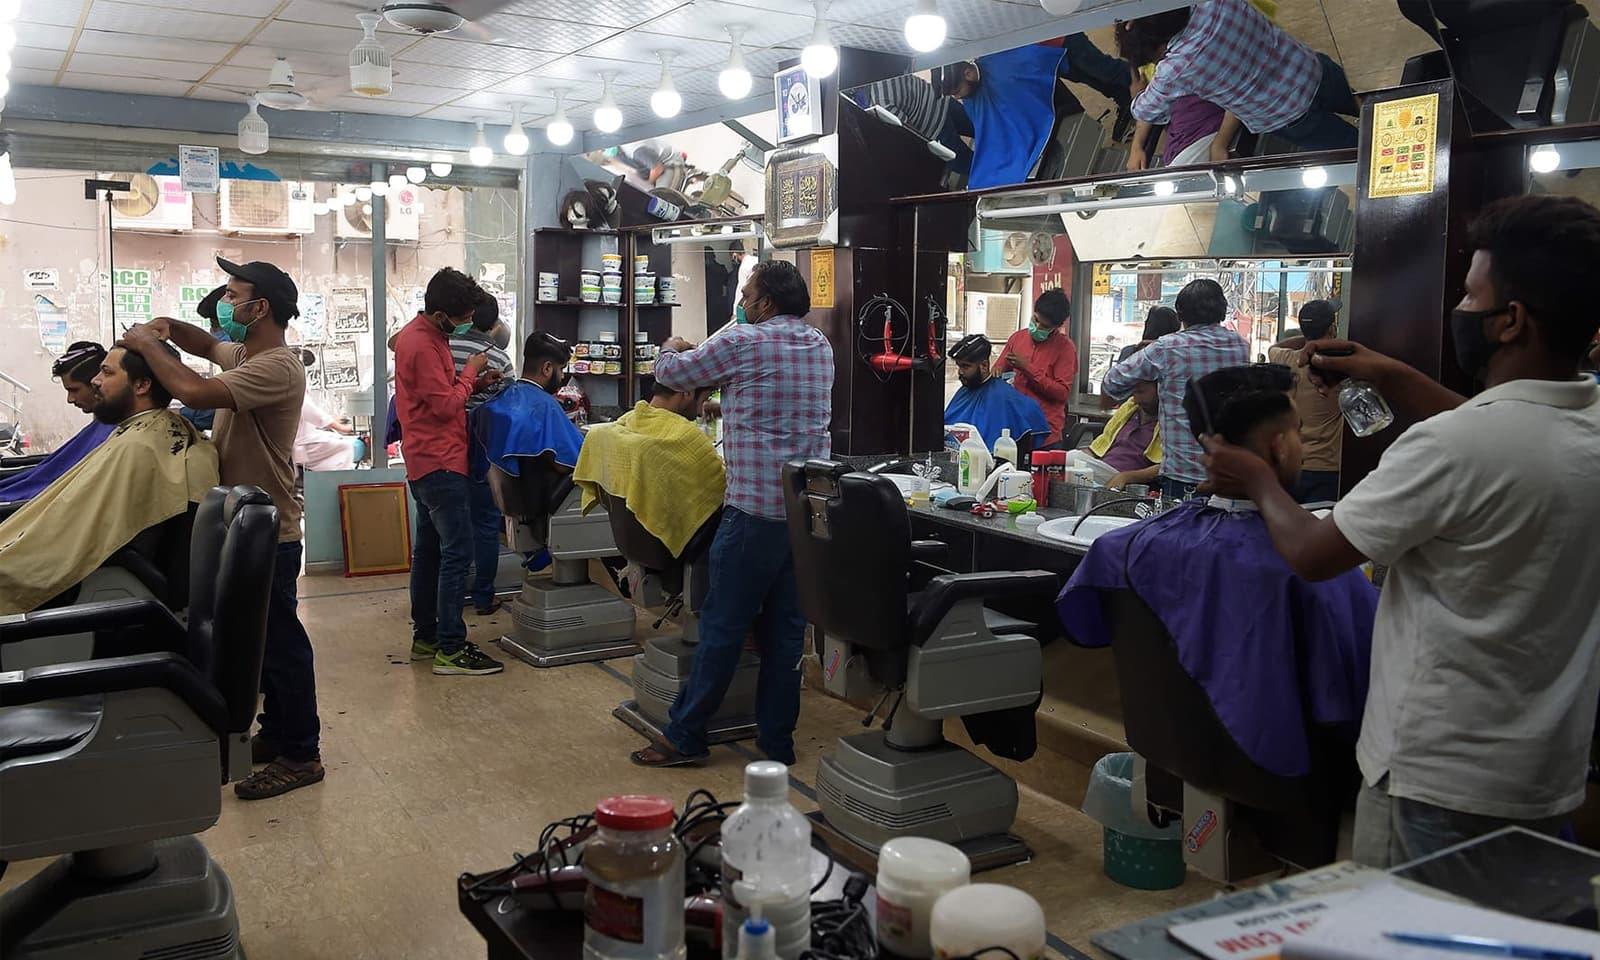 راولپنڈی میں حجام کی دکان پر احتیاطی تدابیر خصوصاً ماسک پہن کر کام کیا جا رہا ہے— اے ایف پی